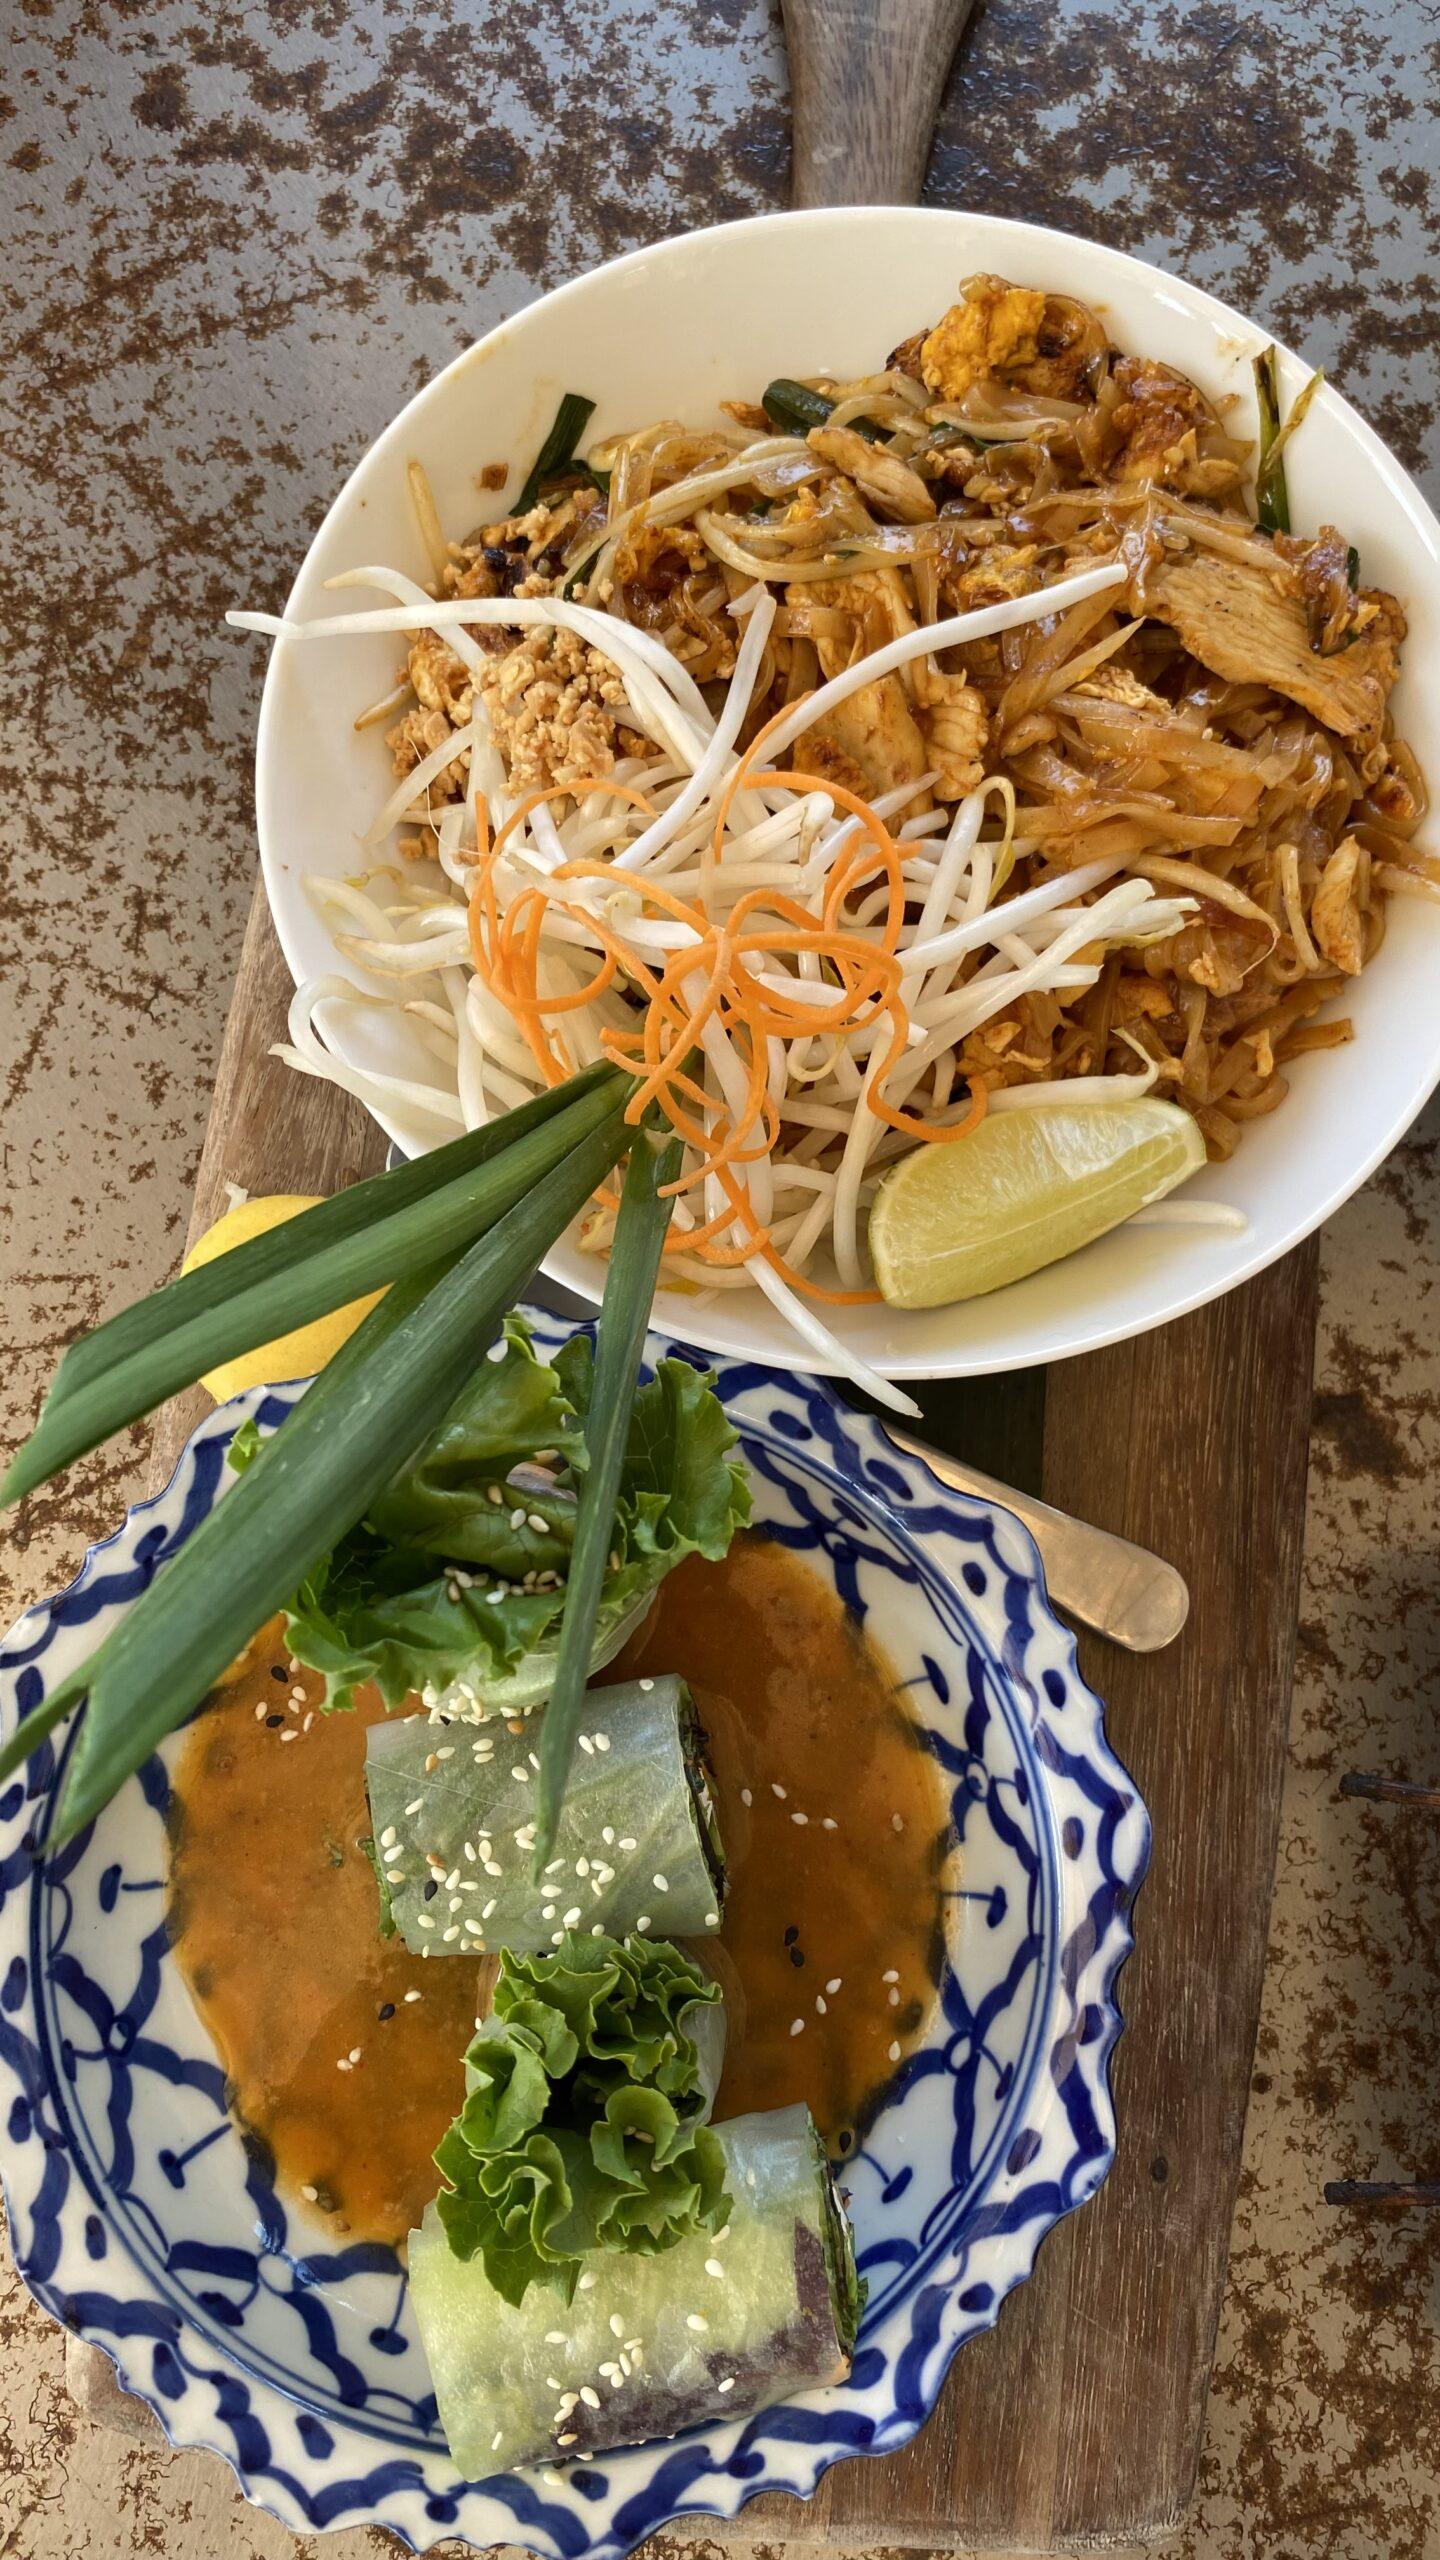 Thai Good late lunch